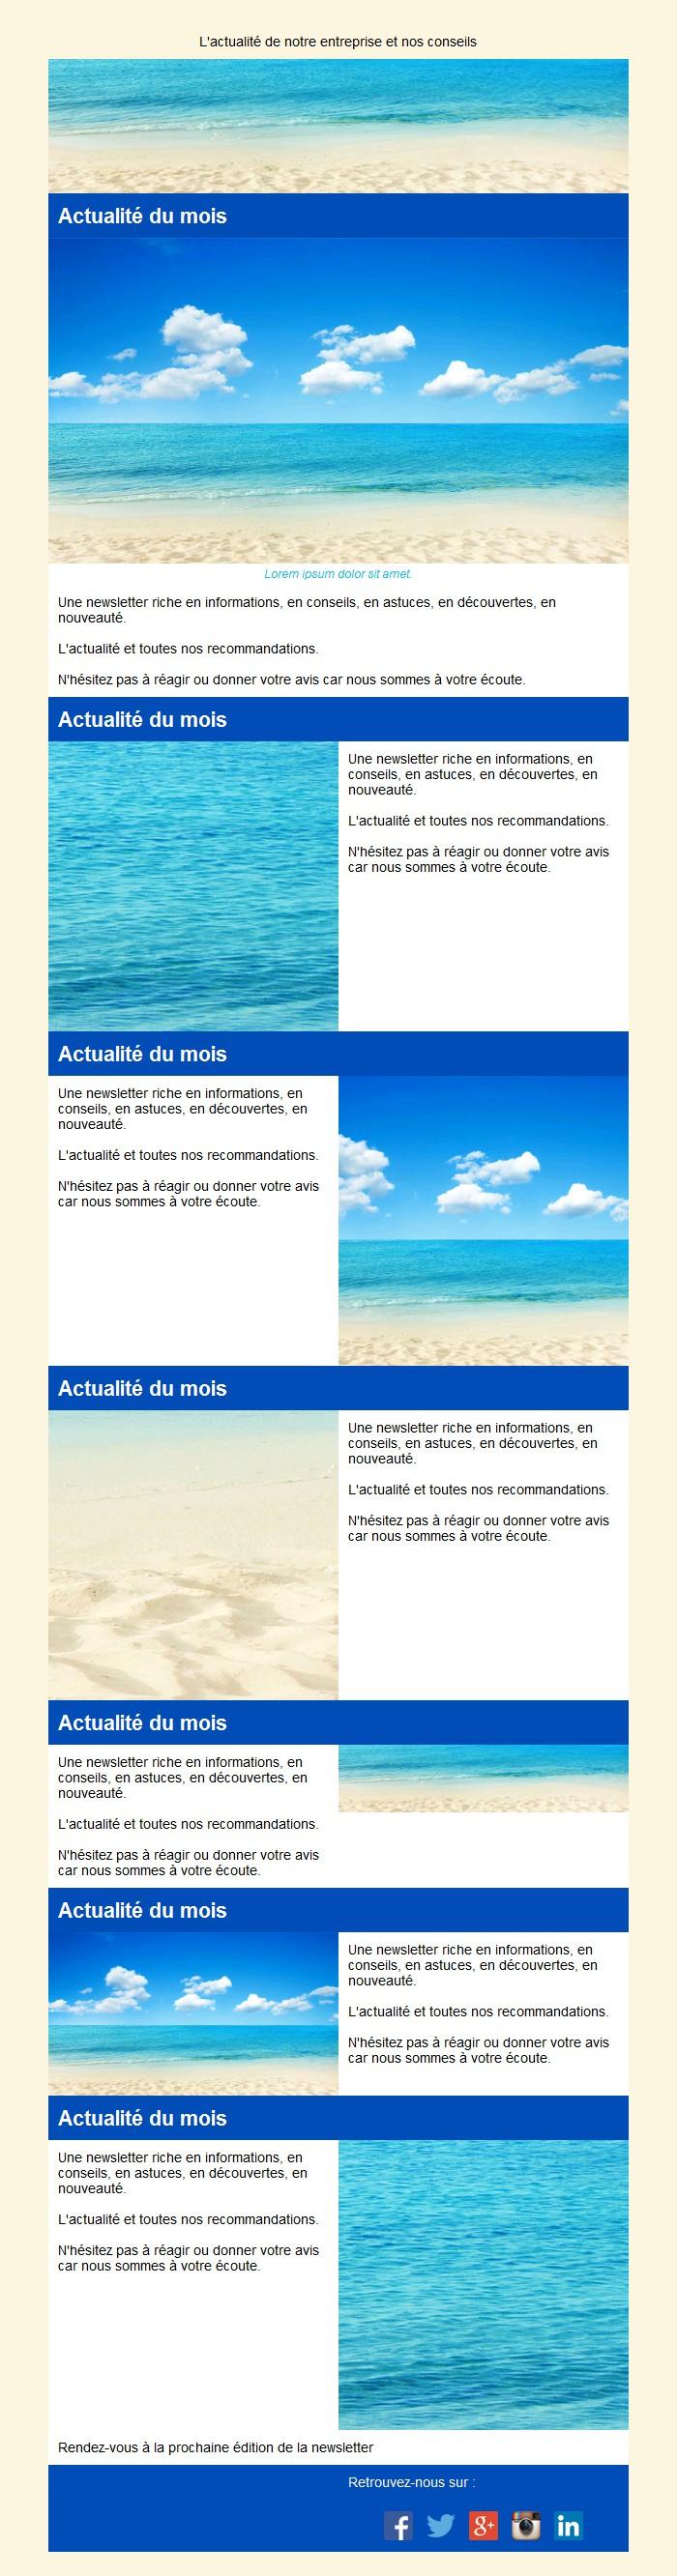 Newsletter mosaïque avec édito